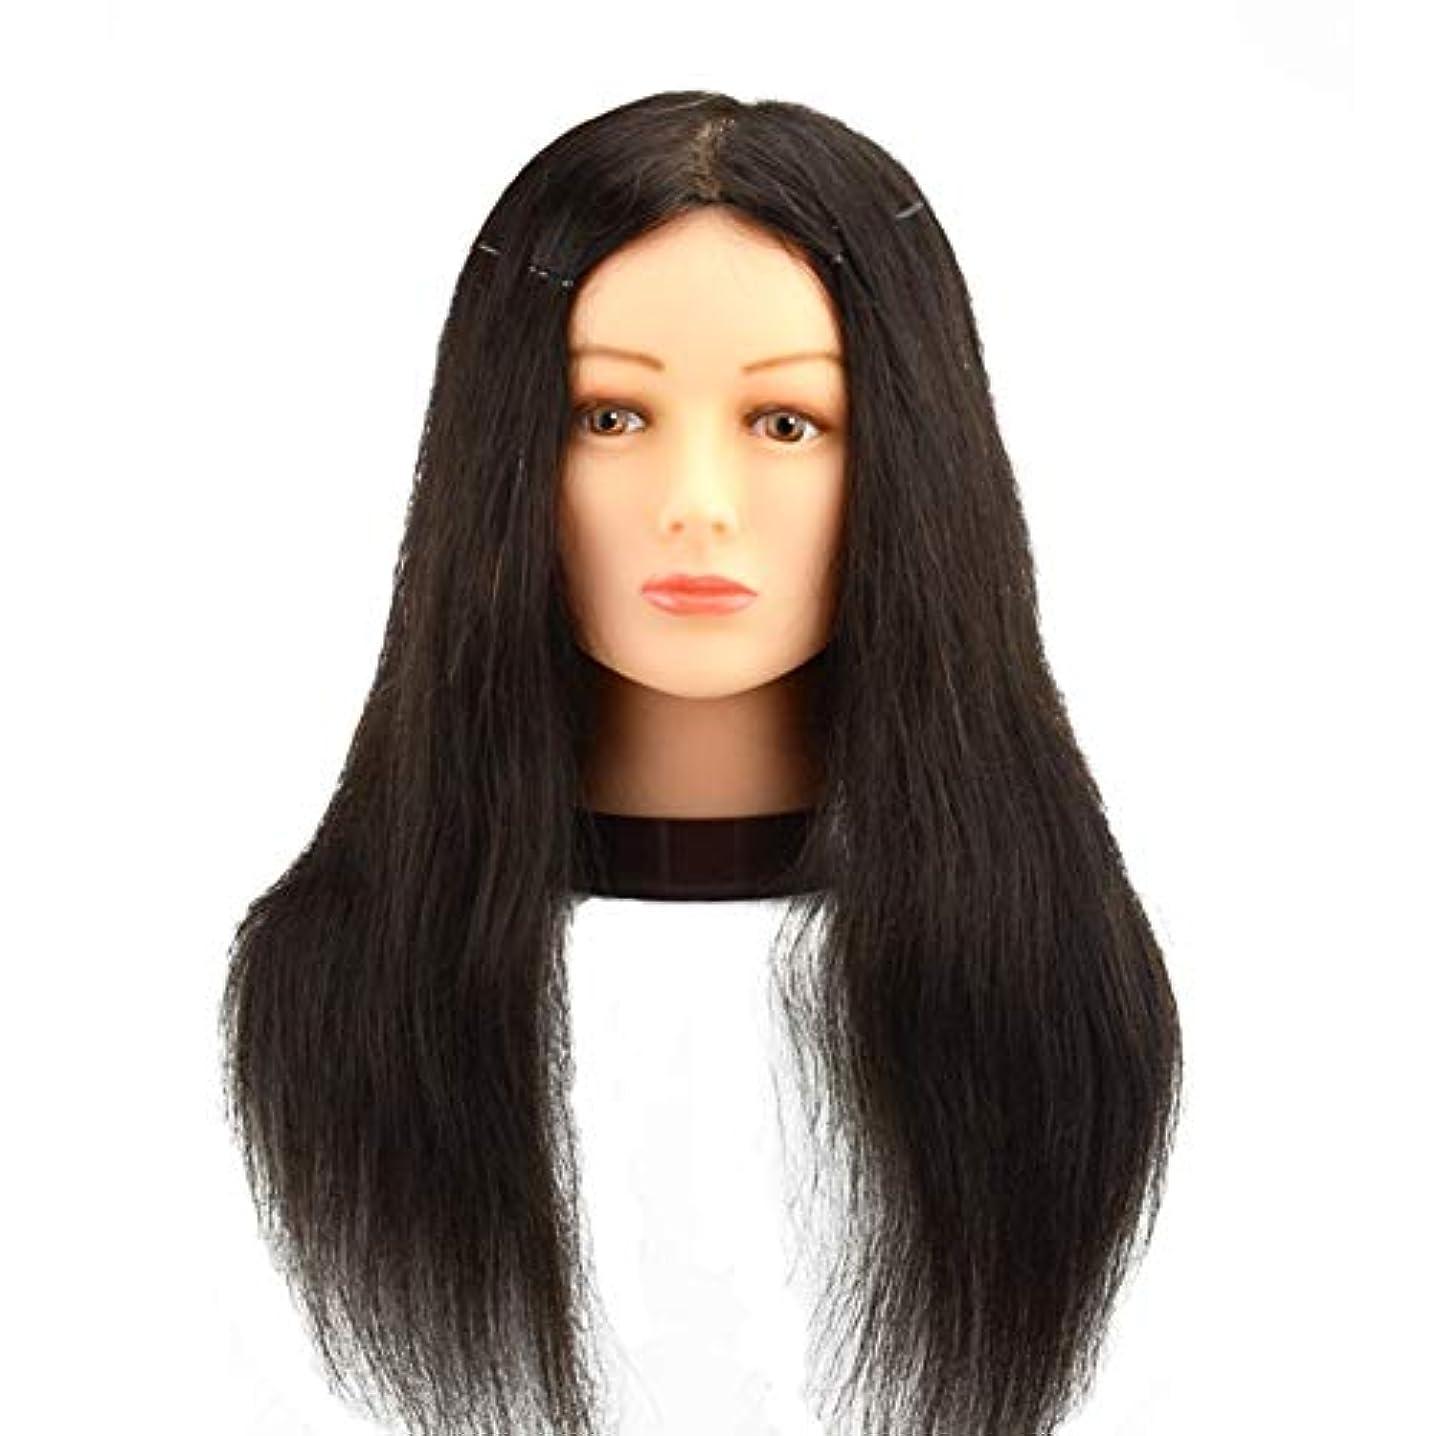 ポイントテンポ資産理髪店パーマ髪染め練習かつらヘッドモデルリアルヘアマネキンヘッド化粧散髪練習ダミーヘッド,20inches